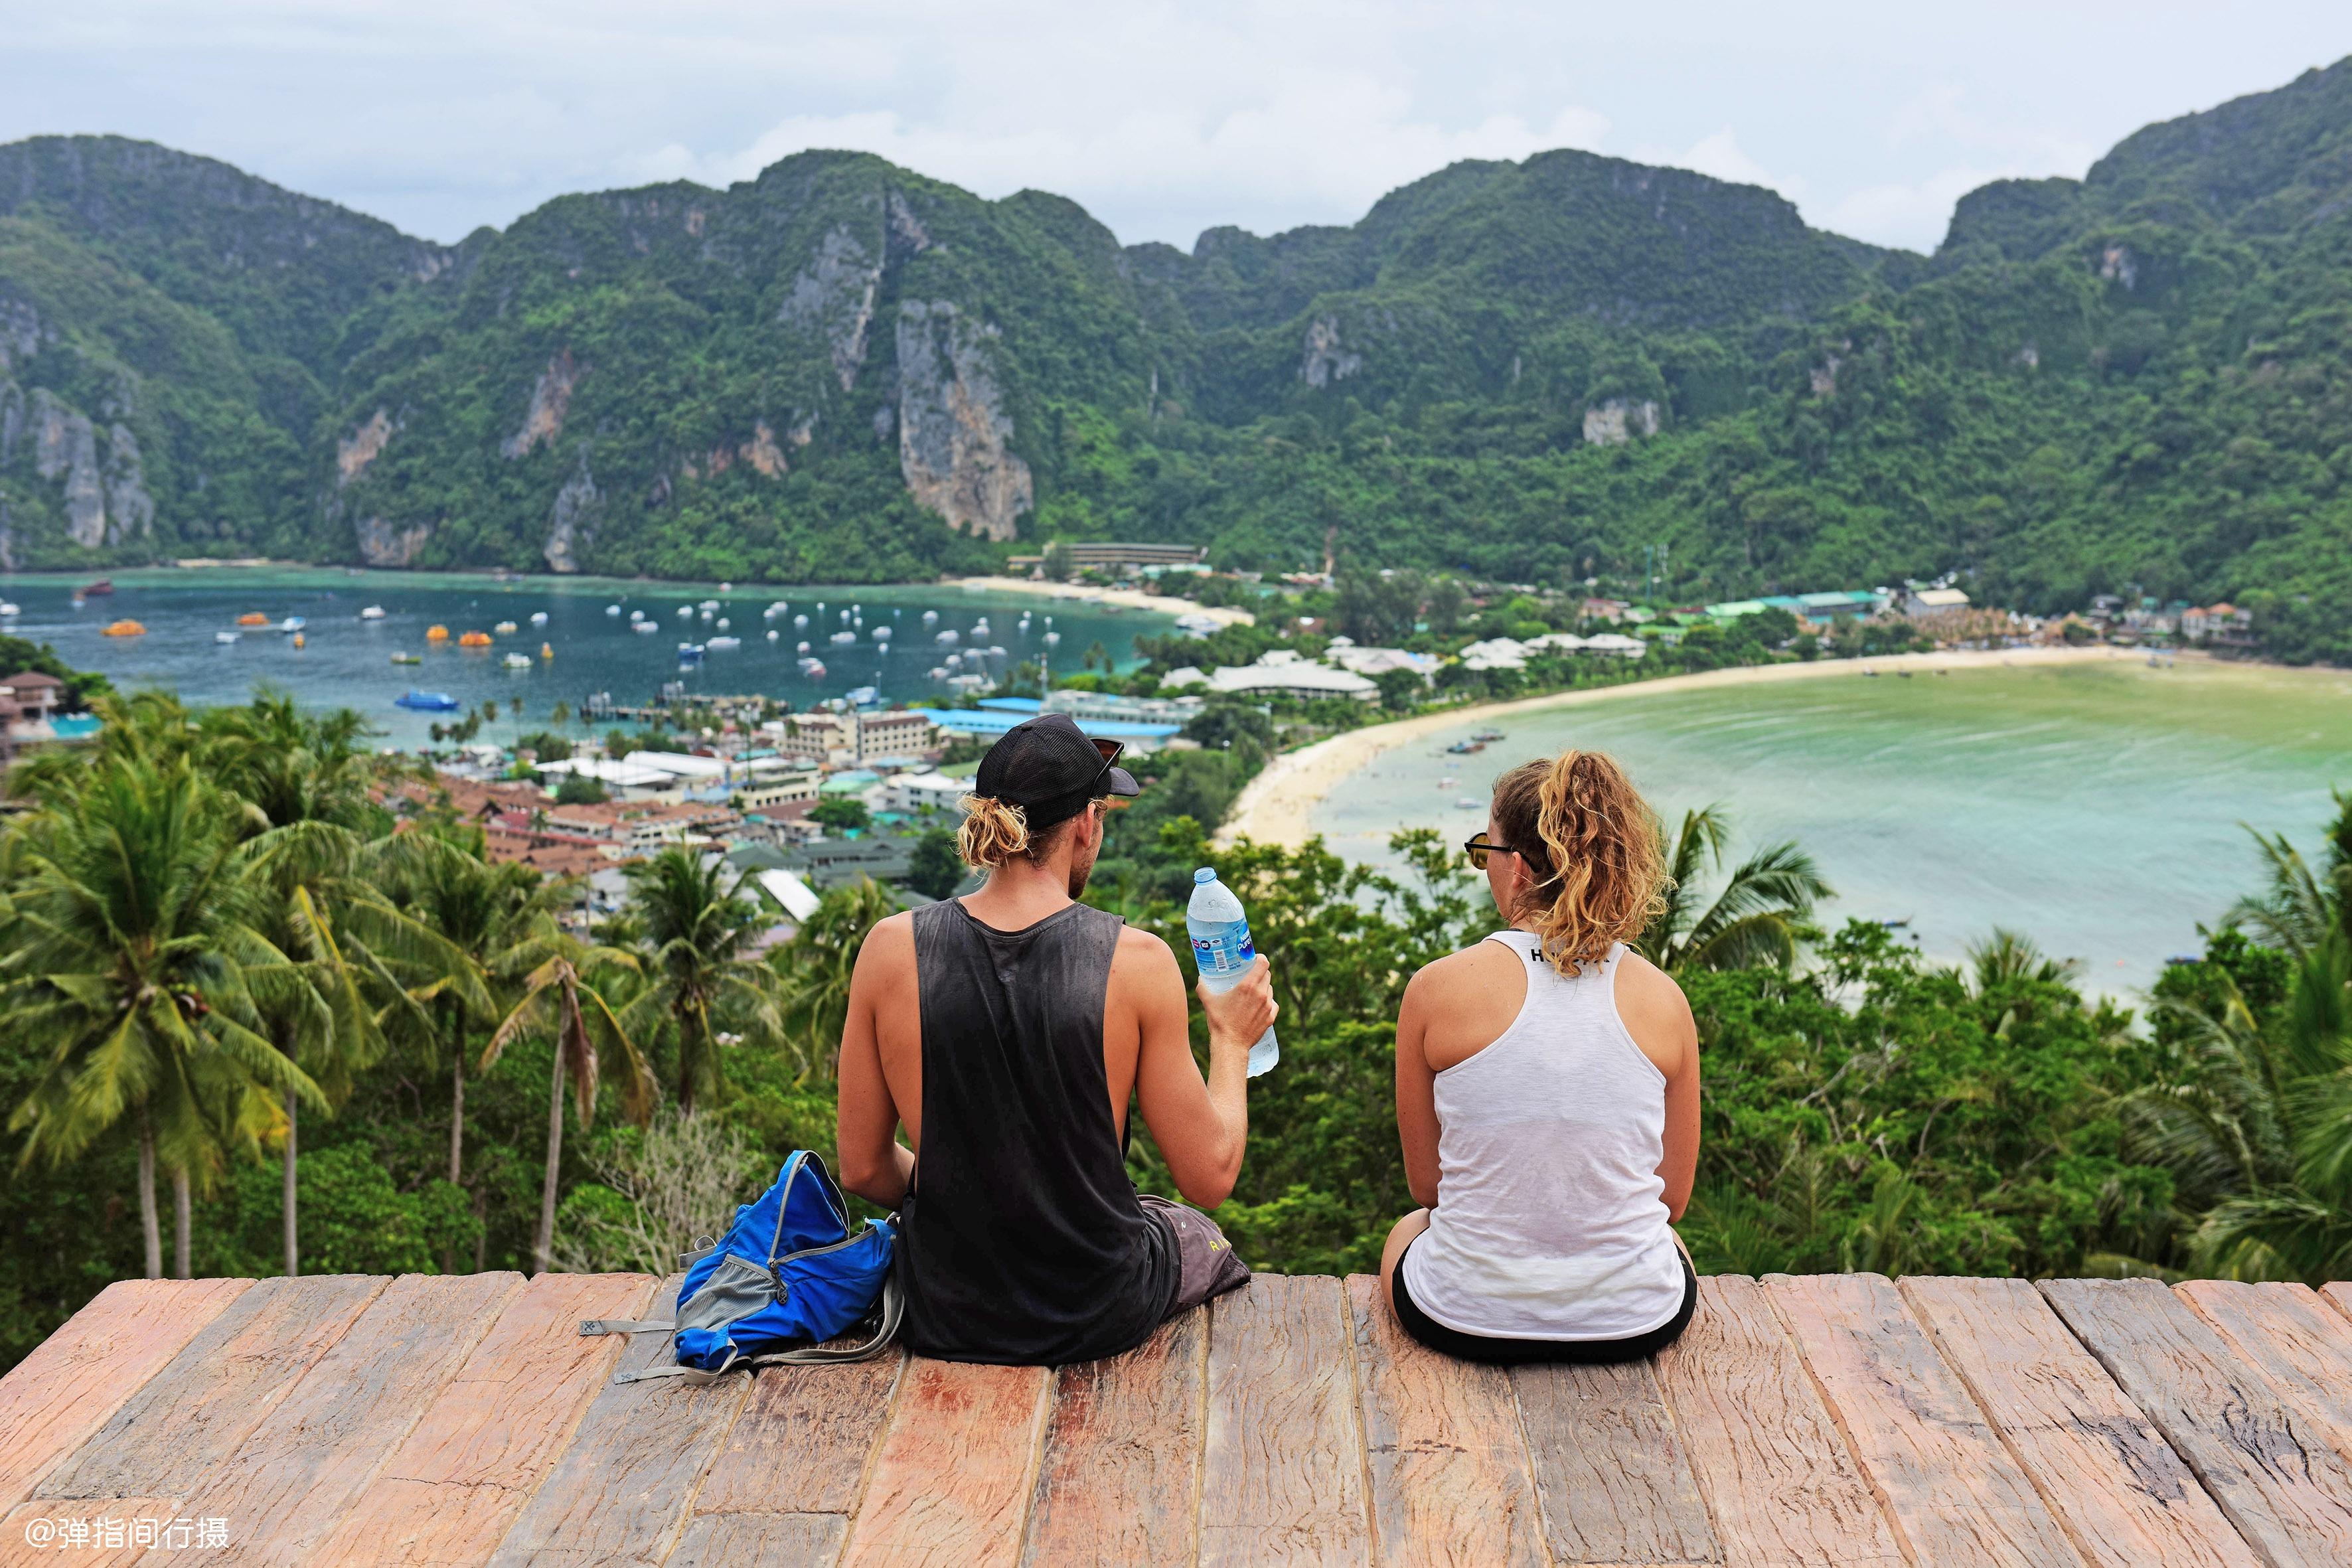 泰國這處絕美海灘,因好萊塢電影取景而爆紅,如今因污染關閉三年